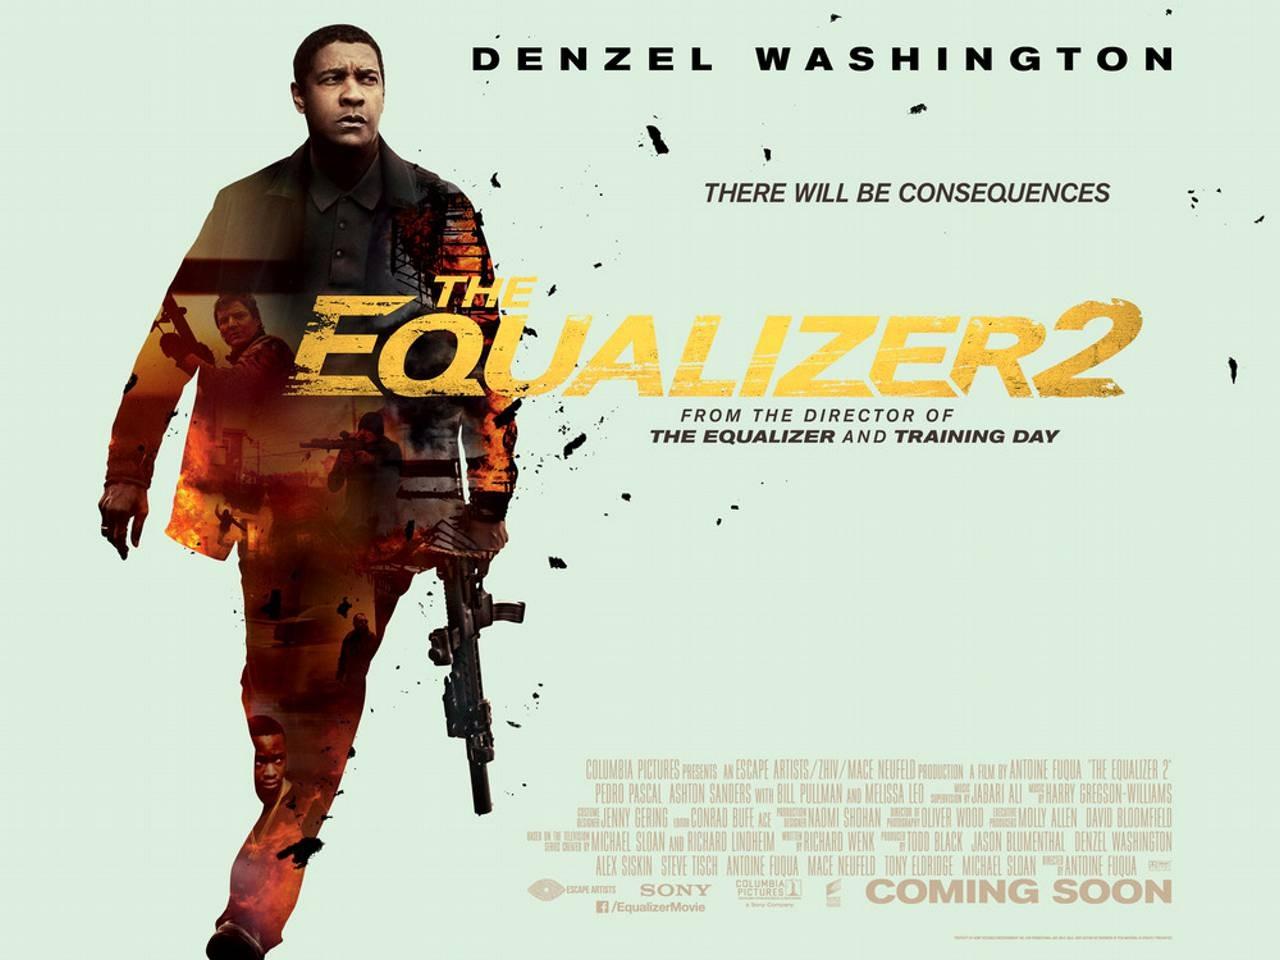 The Equalizer 2 starring Denzel Washington